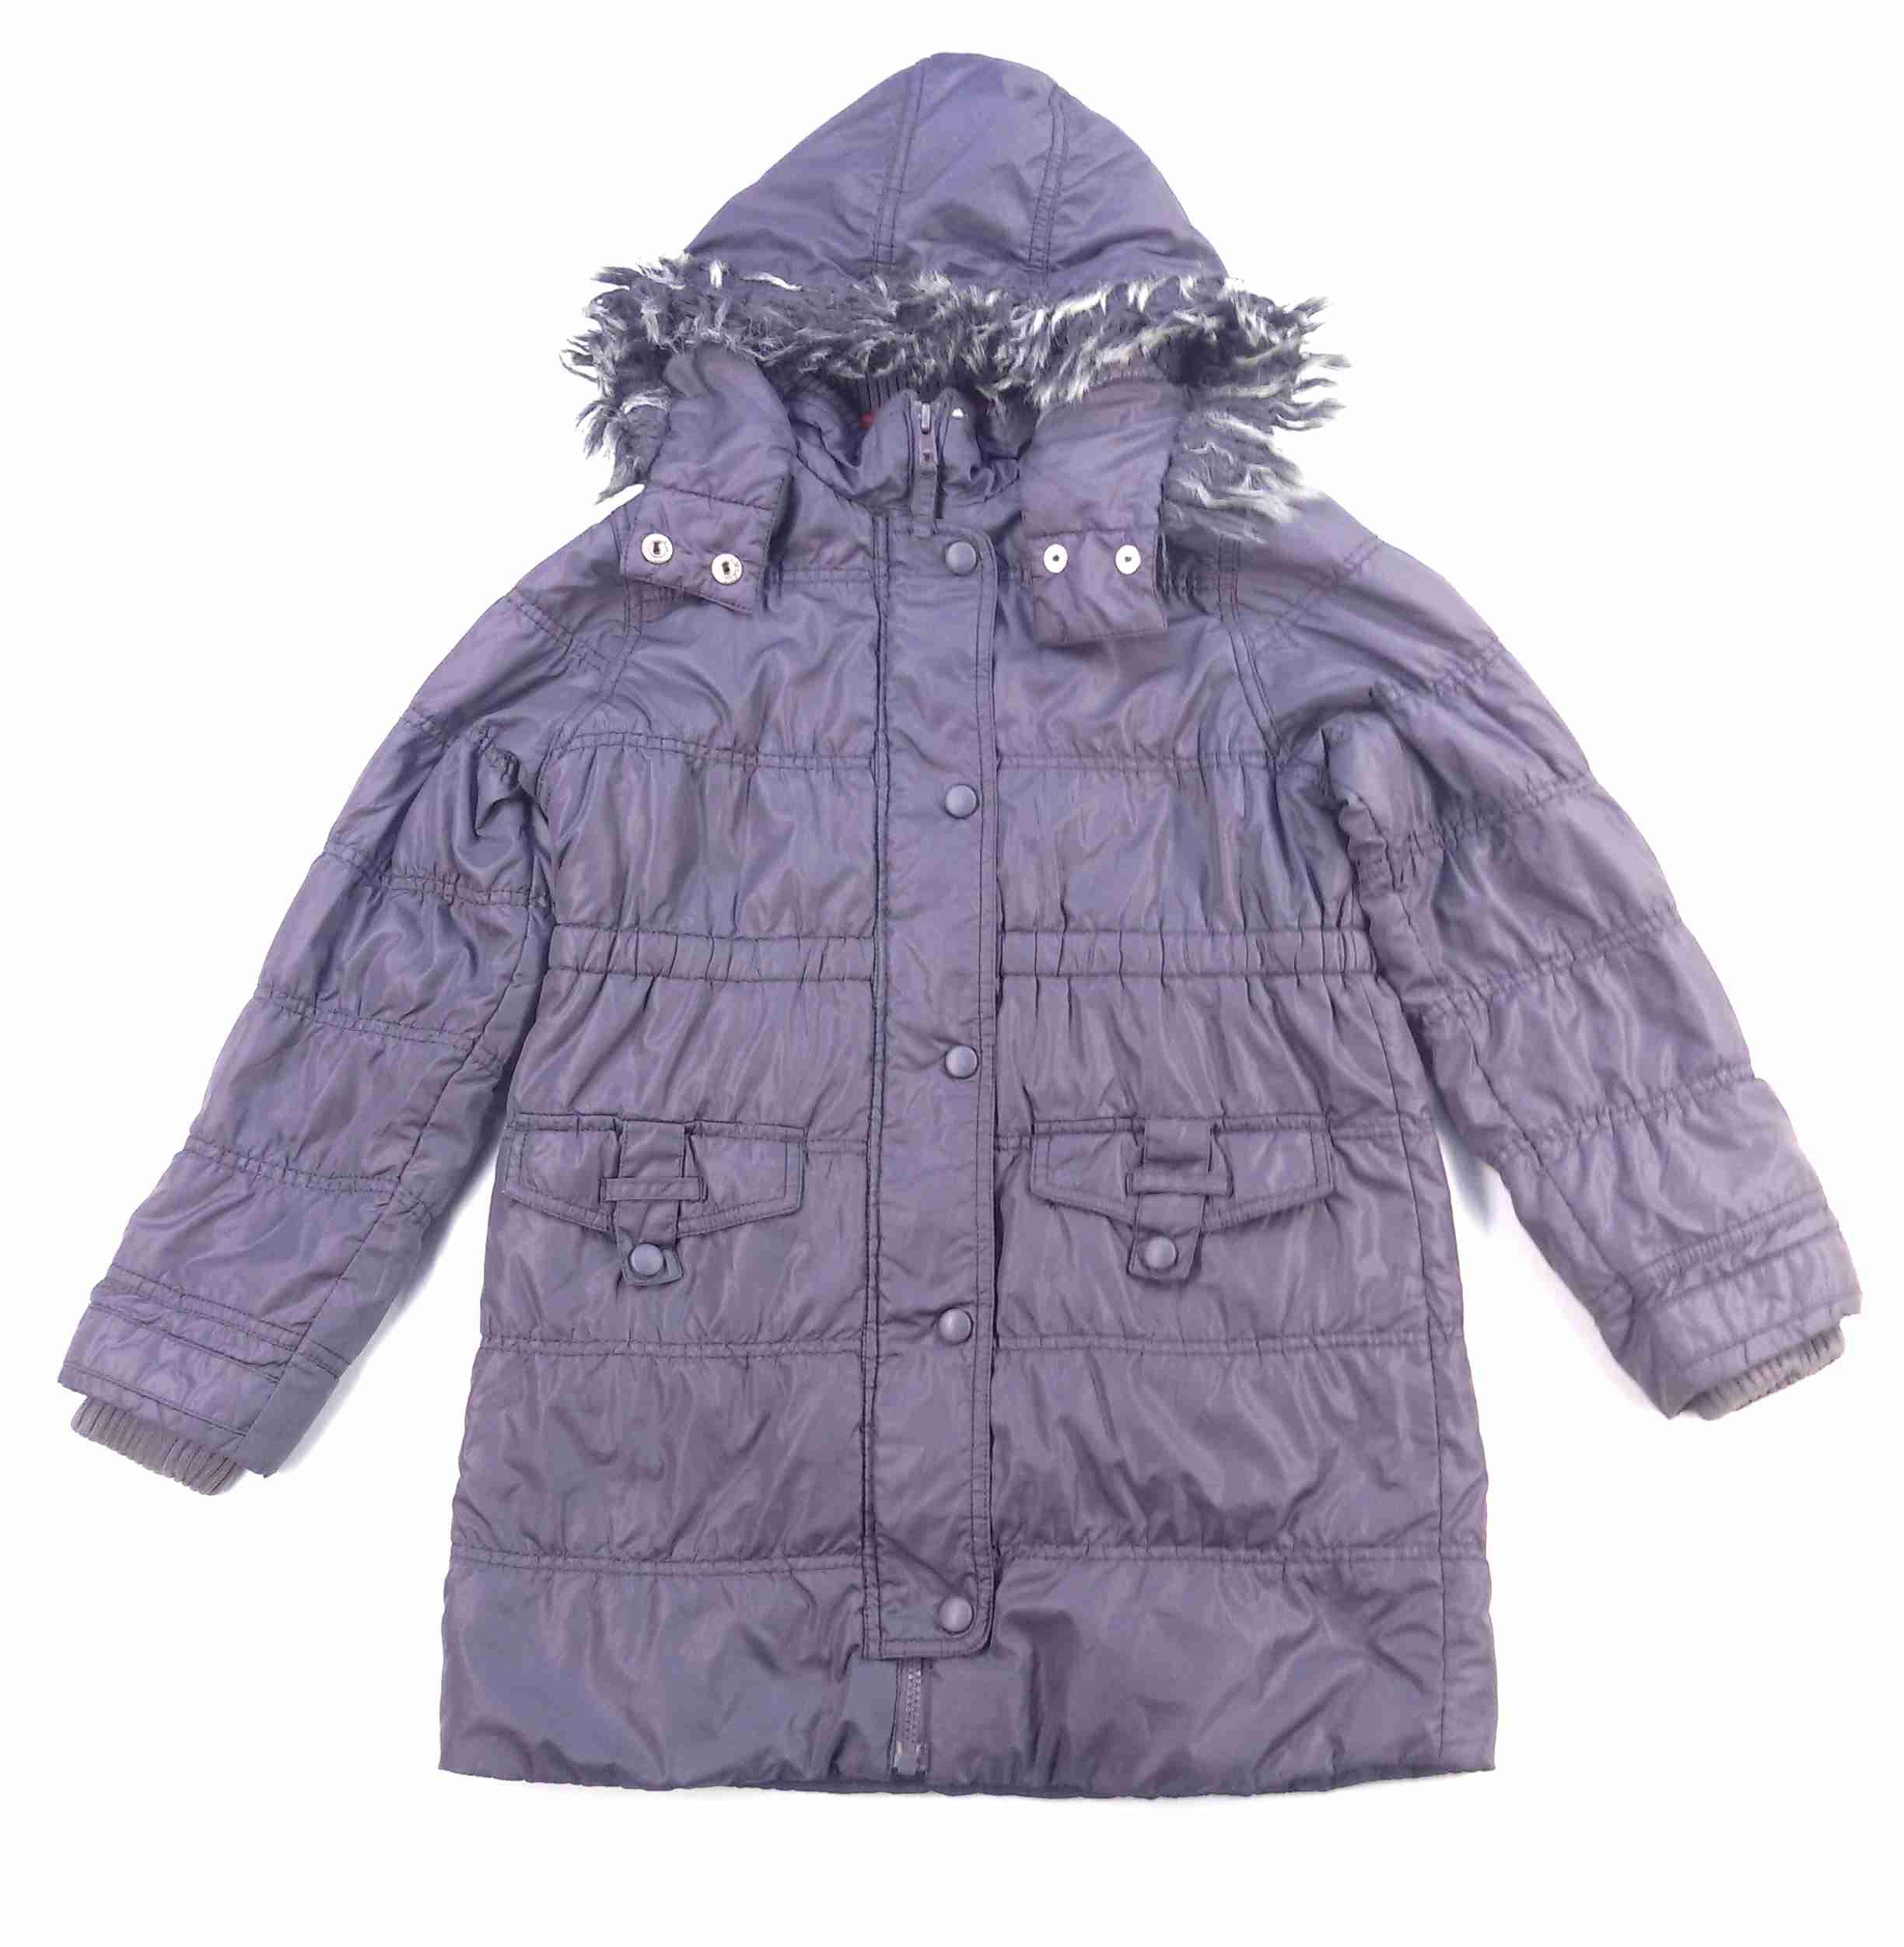 kabát jarní podzimní prošívaný tmavě fialový s úplety MARKS SPENCER vel 140 c9e250d7bc5